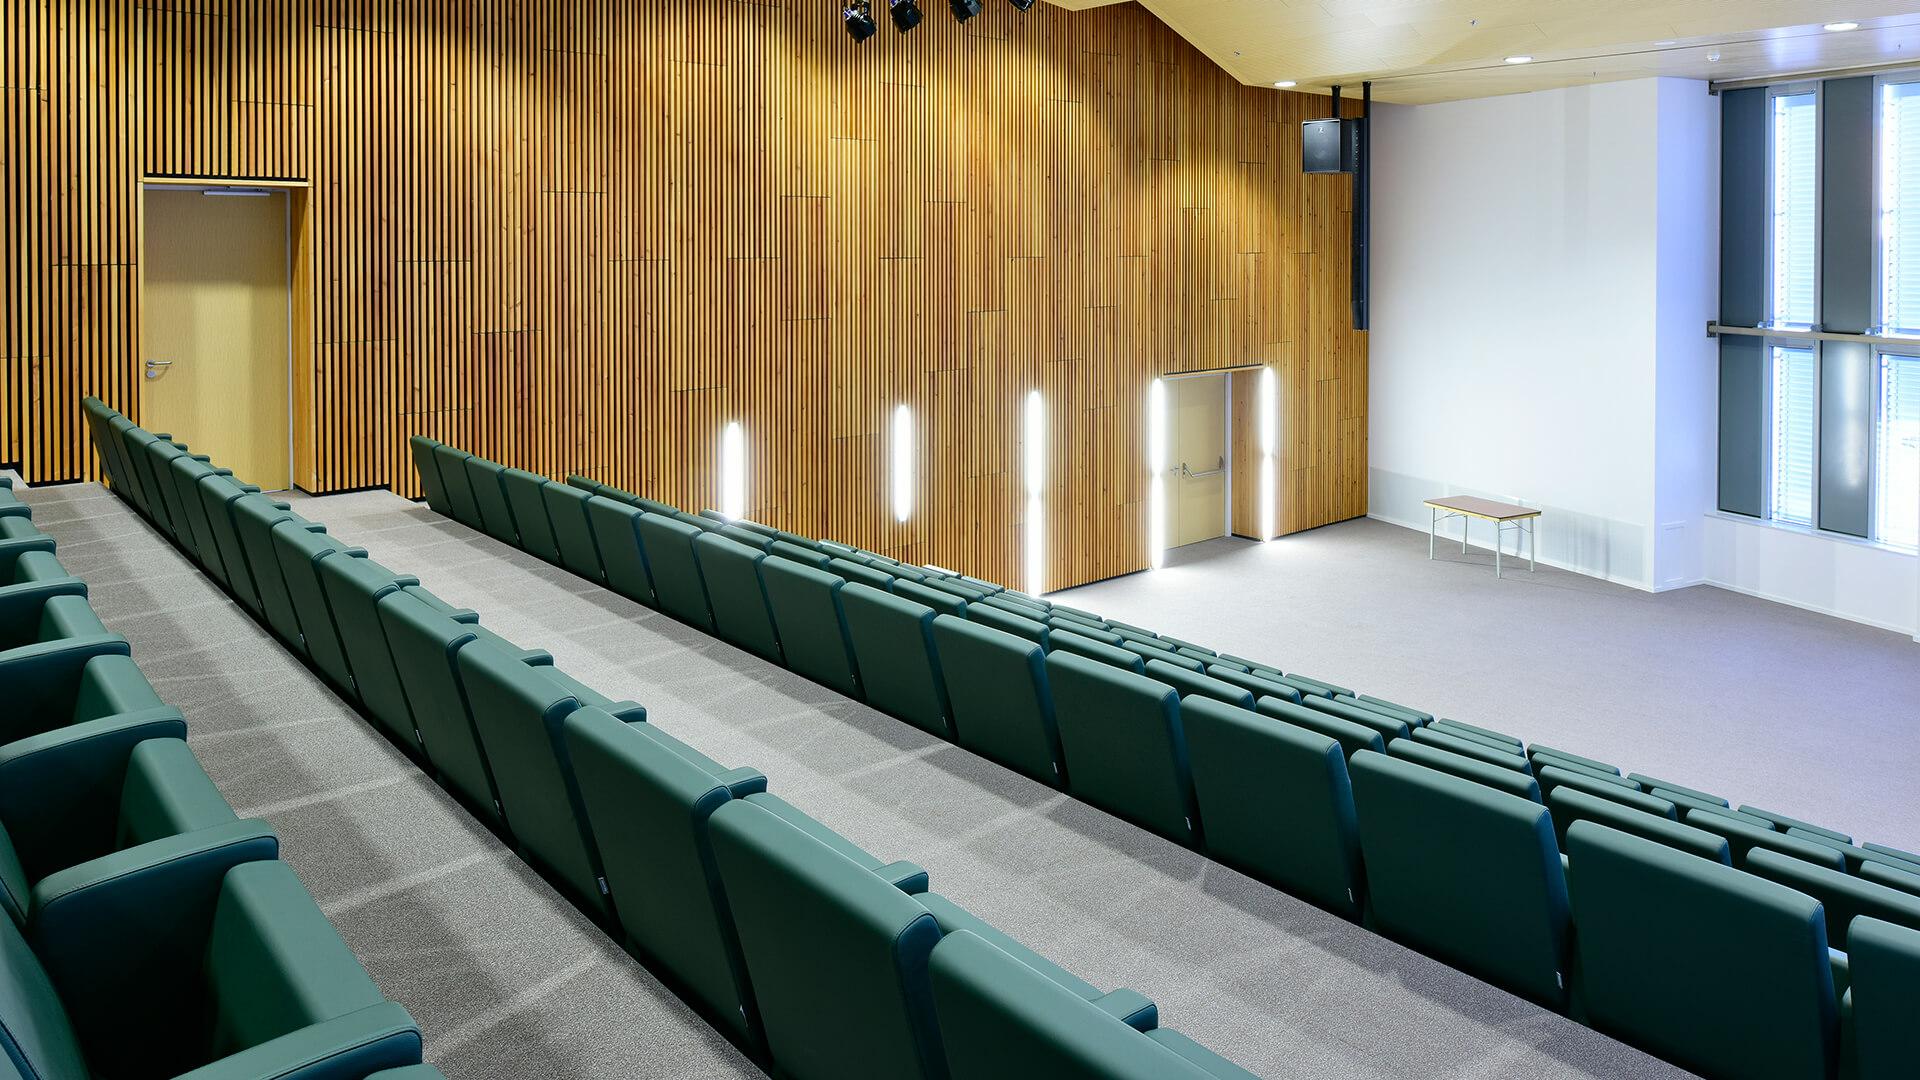 Medisch Spectrum Twente - M100 armchairs by LAMM